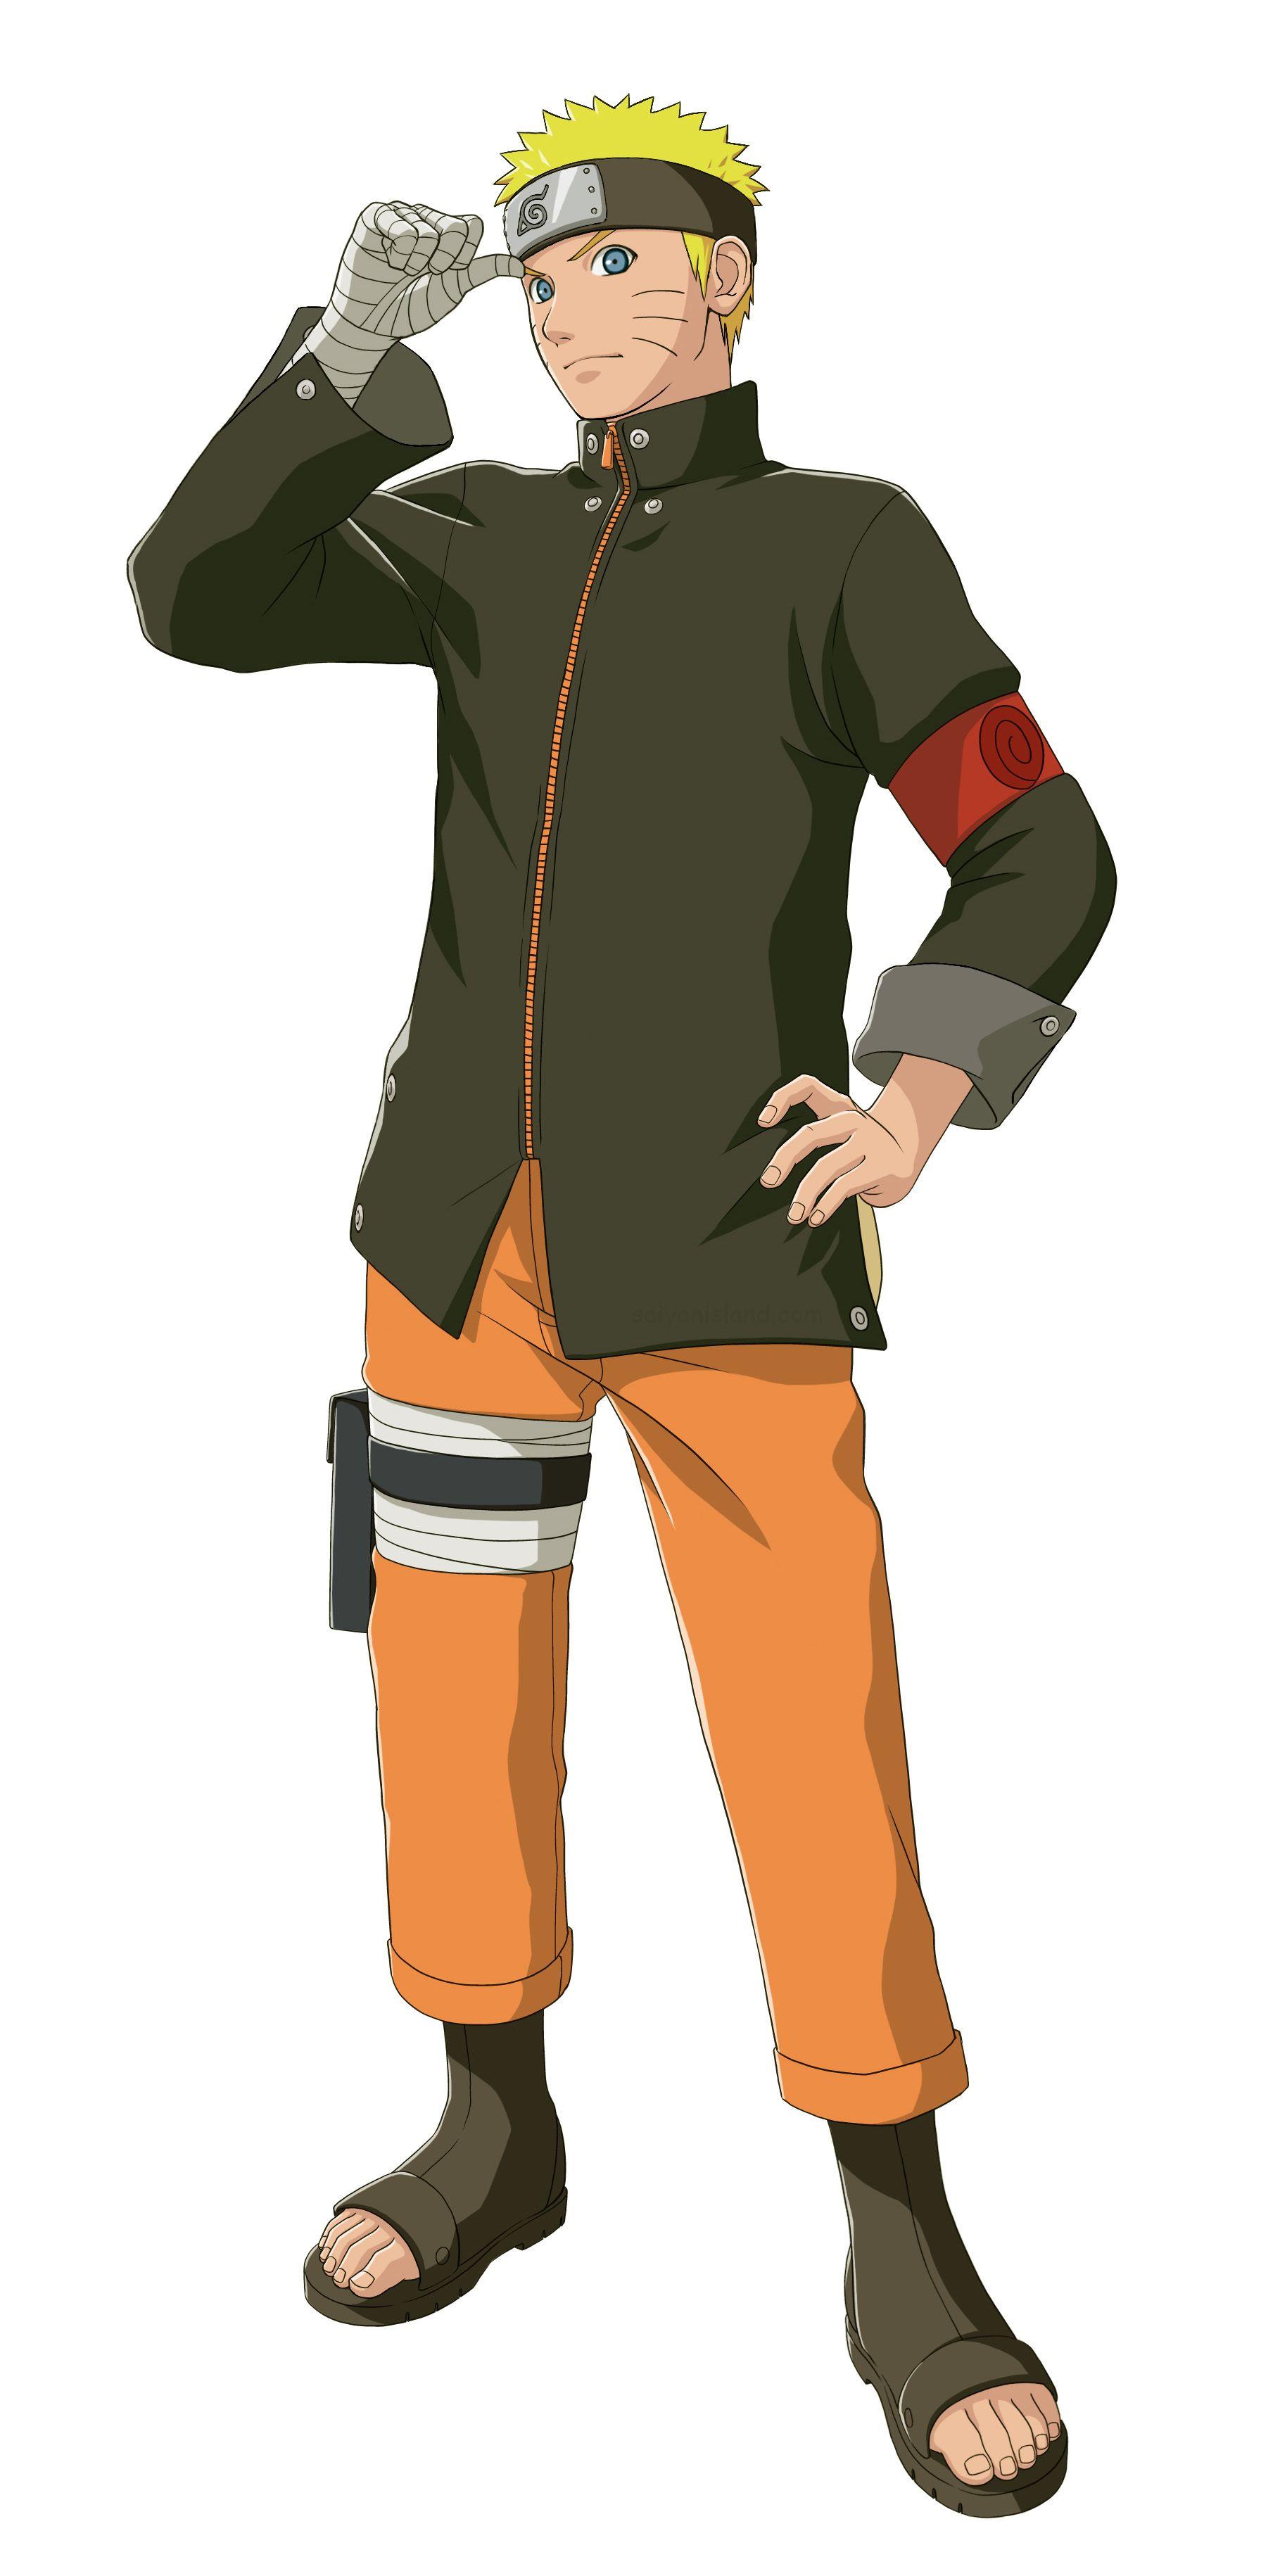 NarutoStorm4NarutoArt.jpg … Naruto personagens